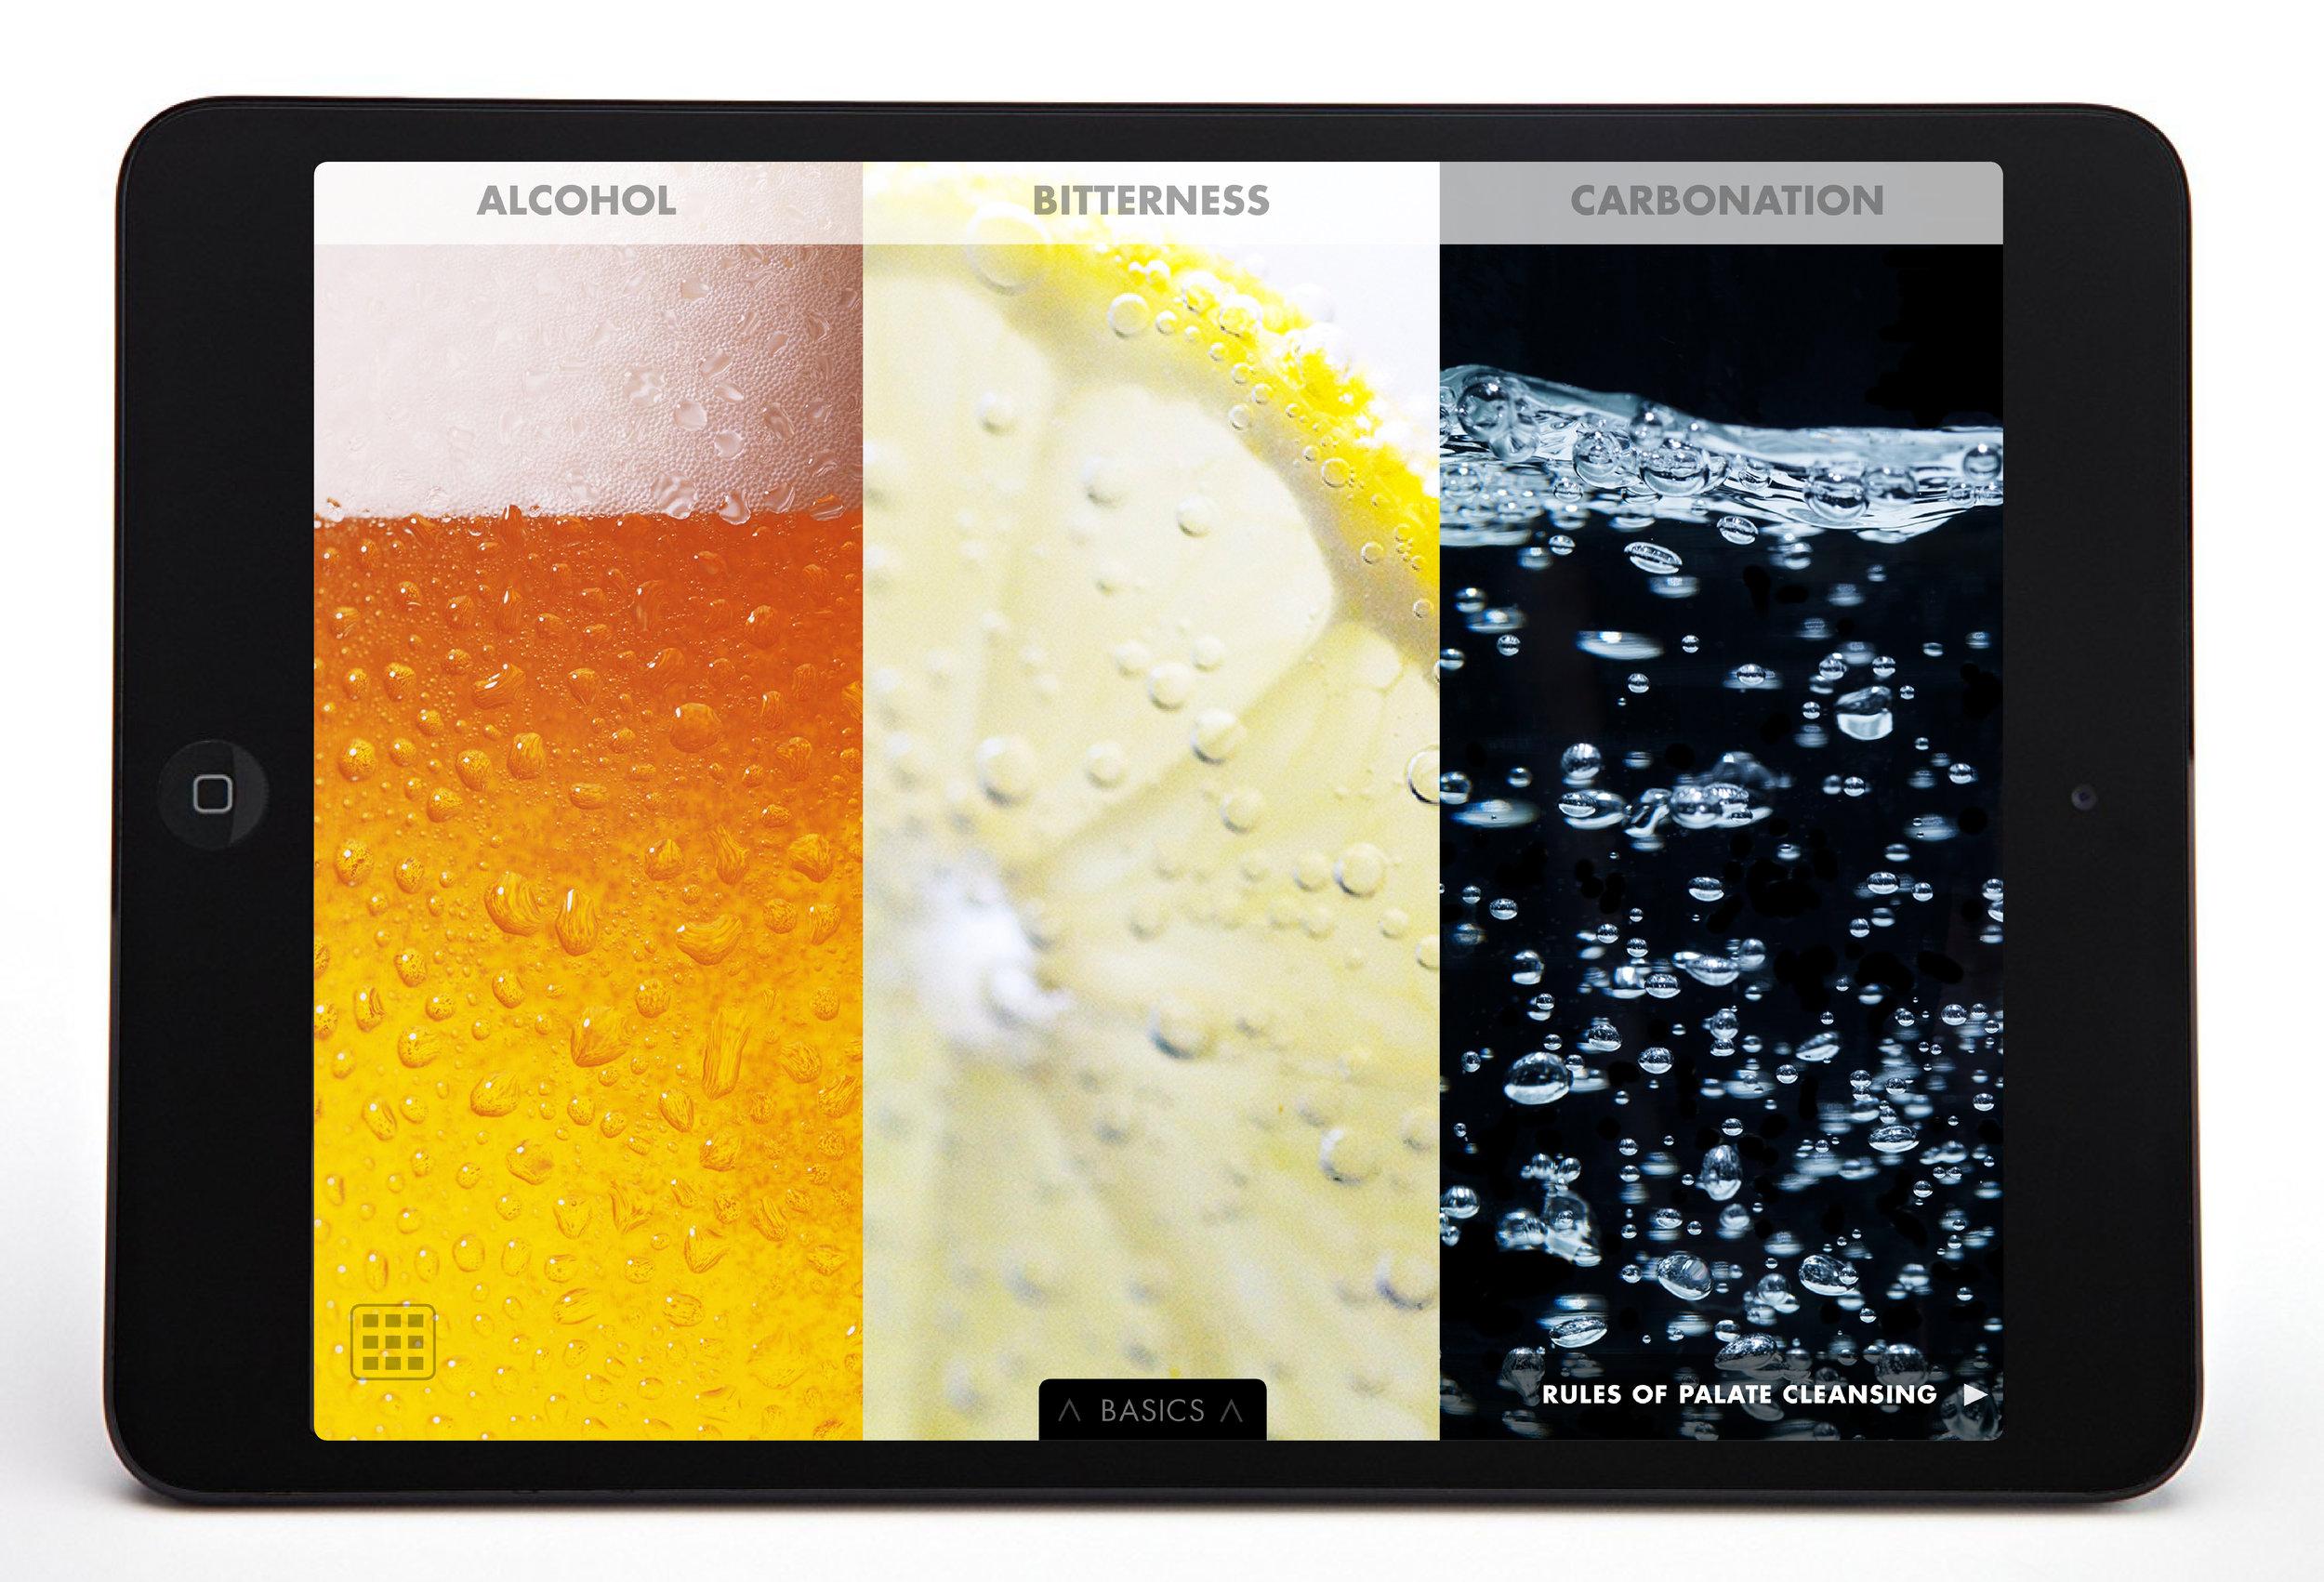 Heineken-food&beer pairing-interactive book9.jpg